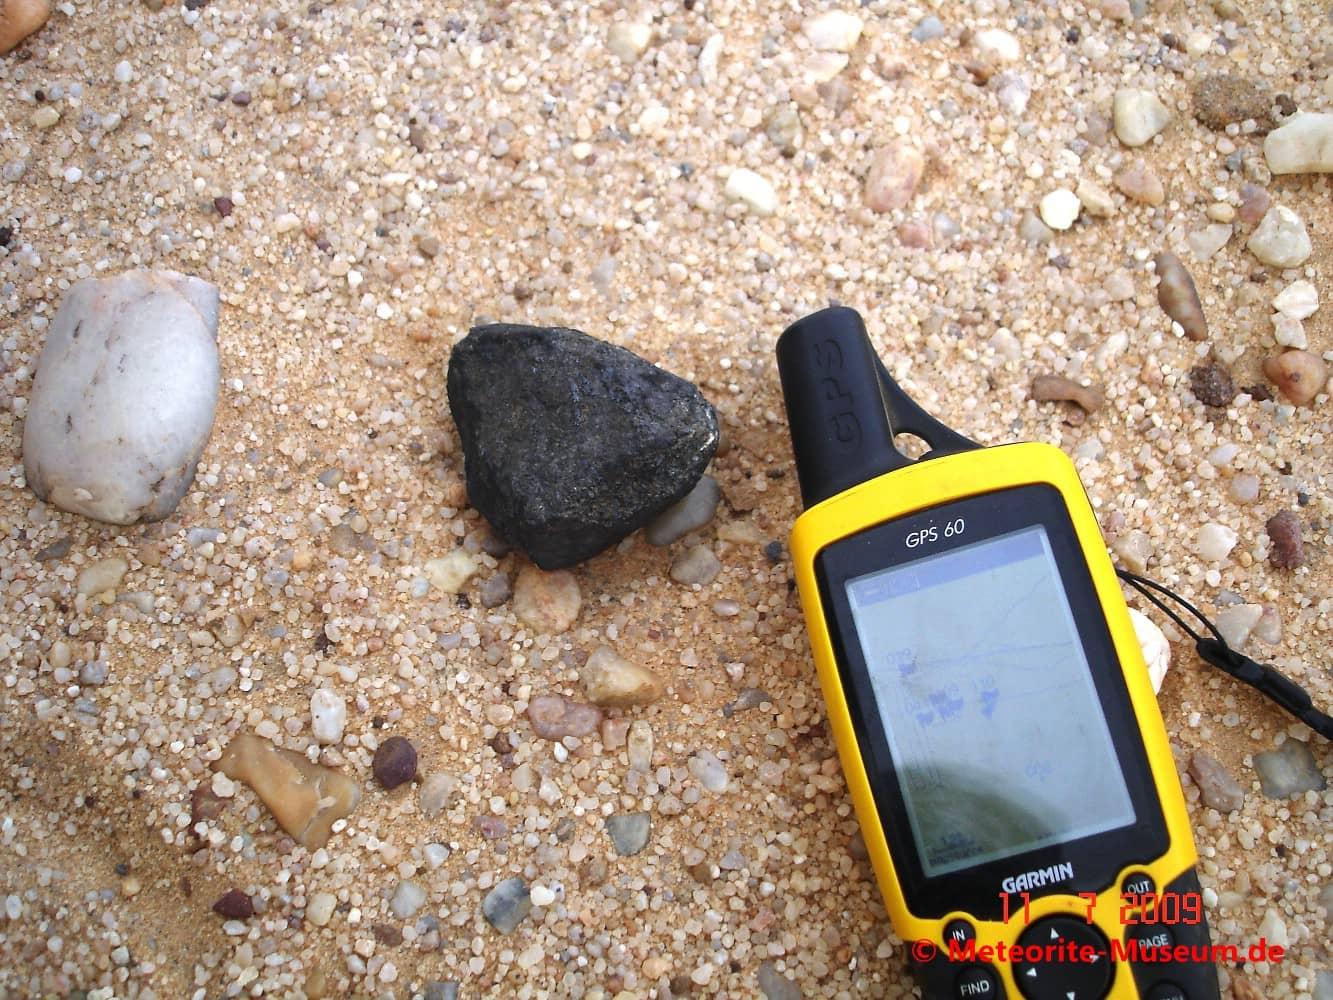 Komplett erhaltener Almahata Sitta Individuum Meteorit mit vollständig umschlossener und schwarzer Schmelzkruste neben GPS-Gerät auf dem Wüstensandboden